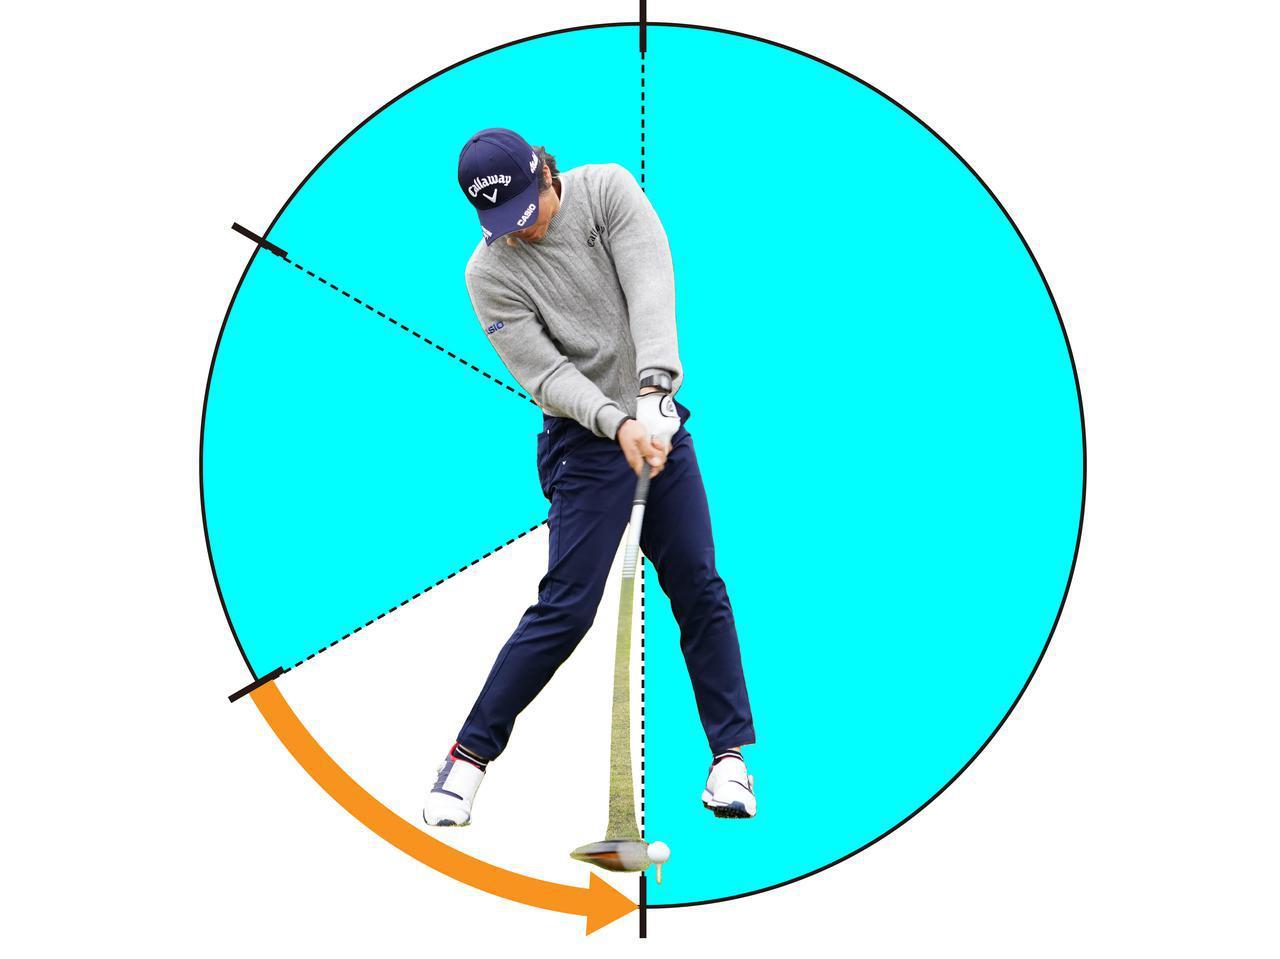 画像: トップからインパクトまでの後半 1/3を重視したキャロウェイはハイバック形状